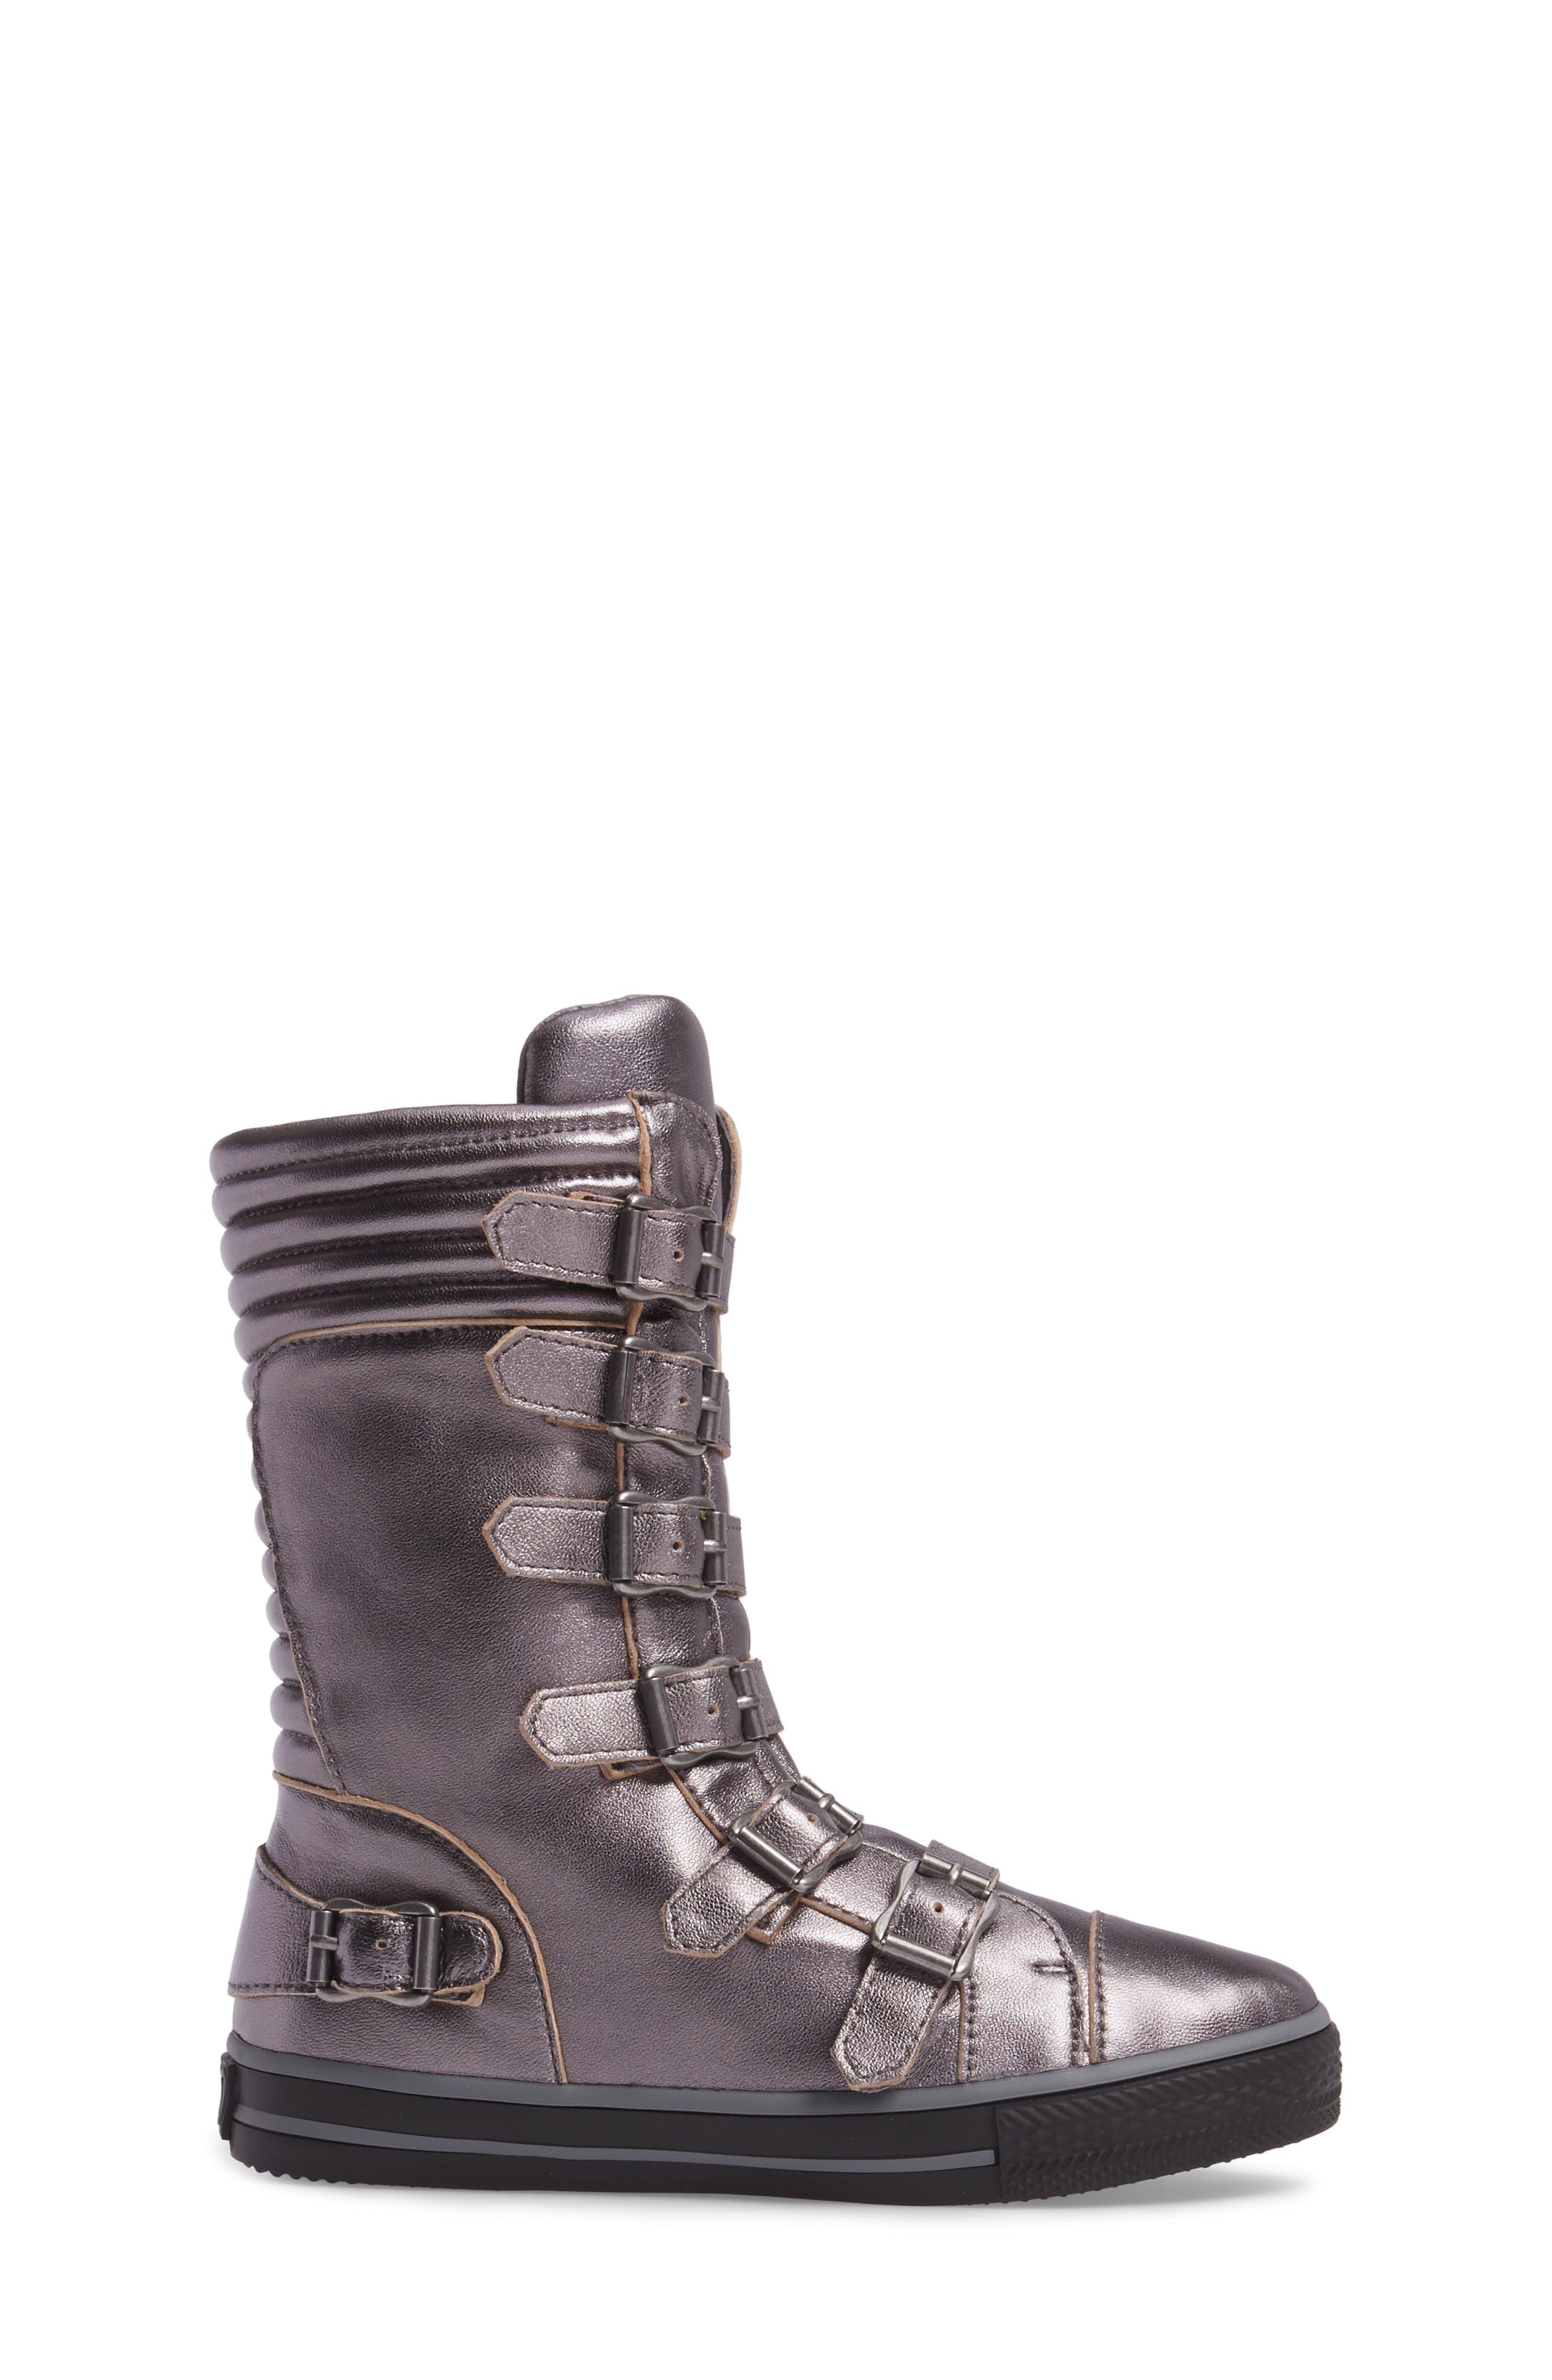 Vava Natalie Tall Sneaker Boot,                             Alternate thumbnail 3, color,                             040